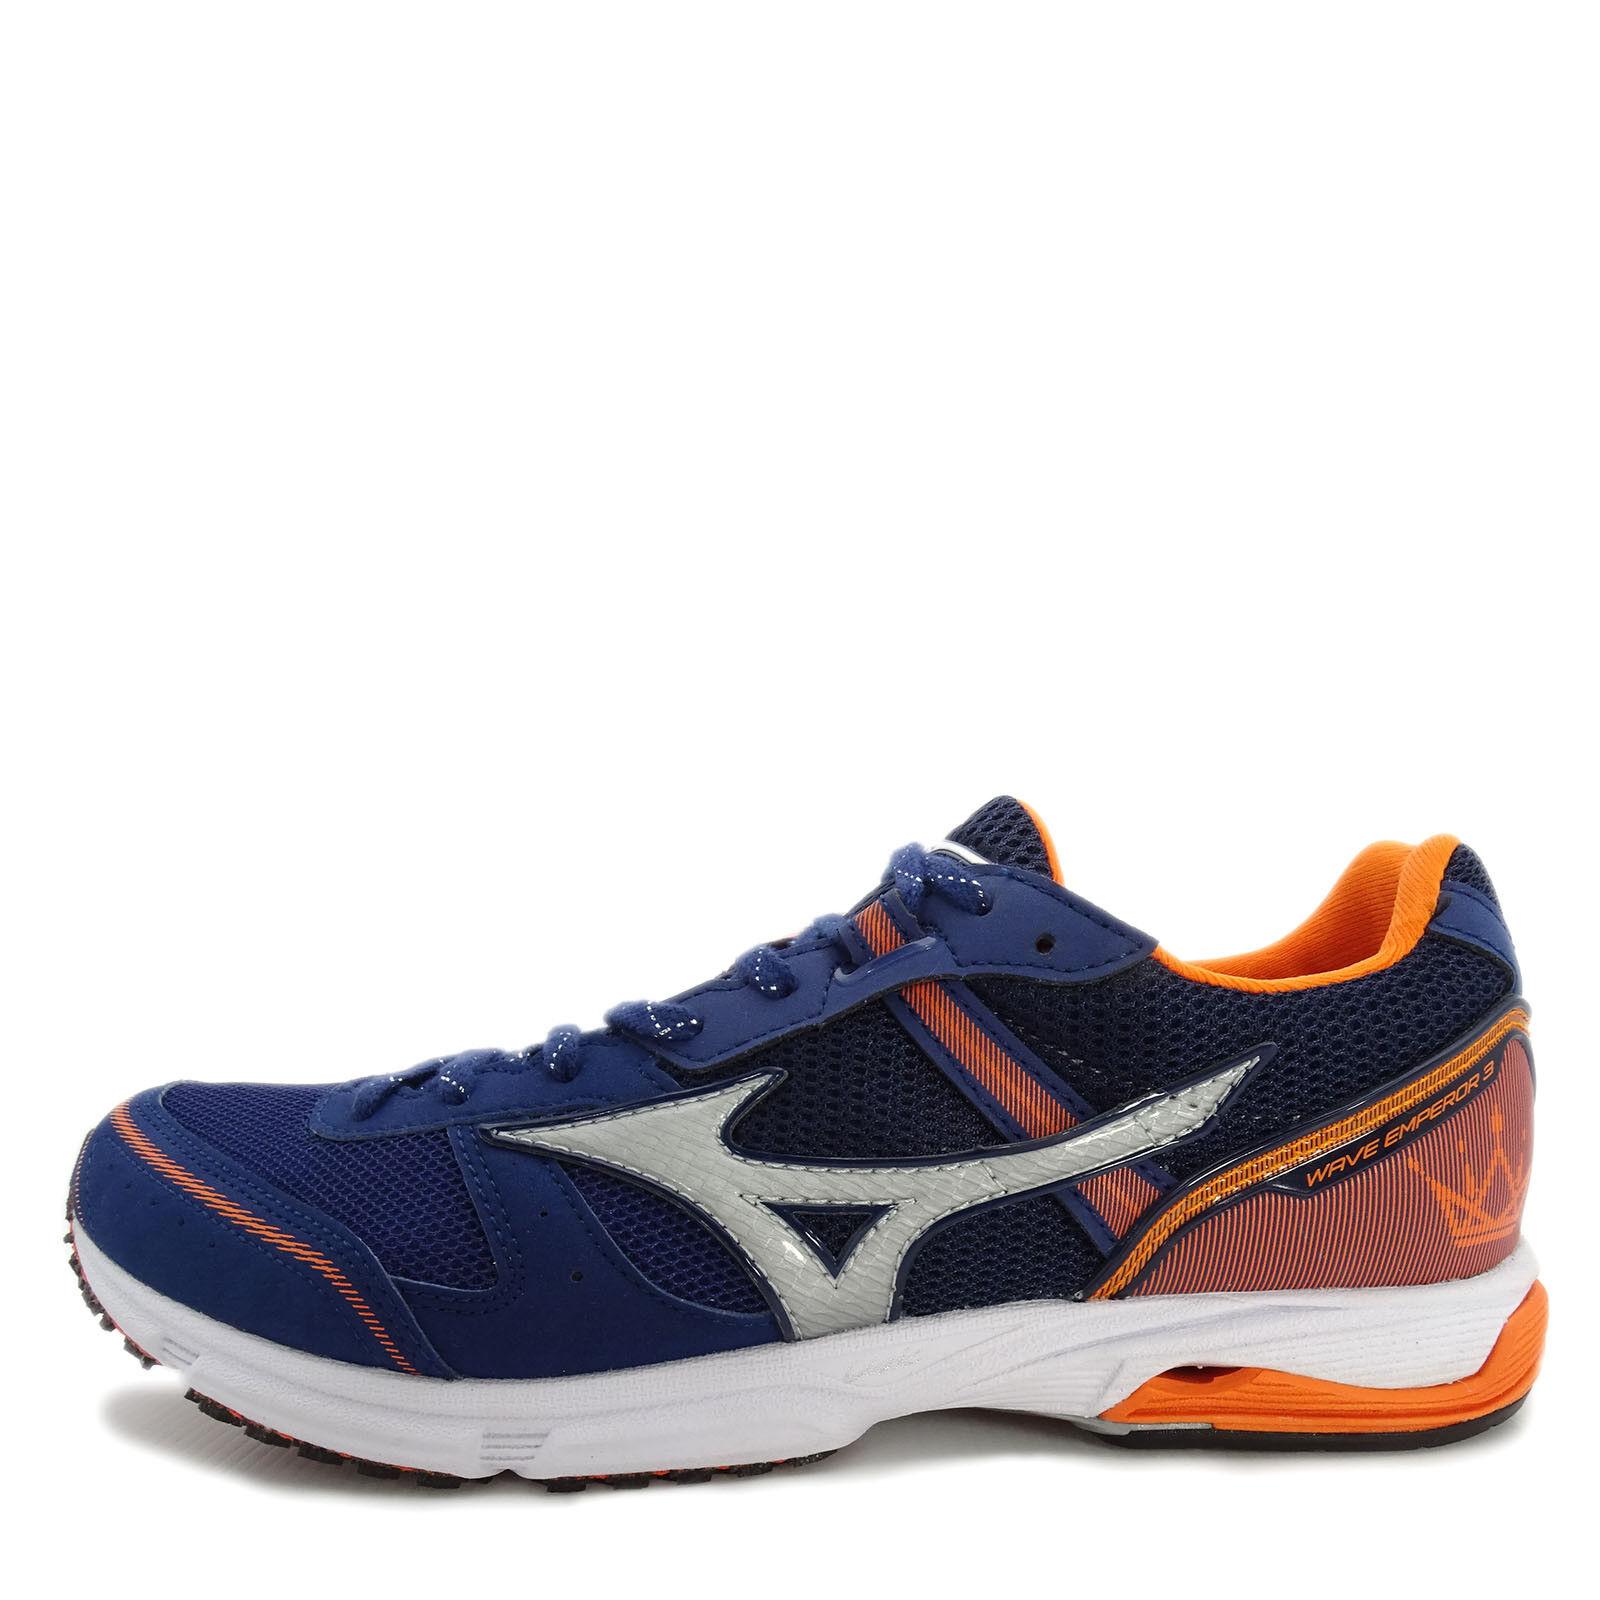 Mizuno Wave Emperor 3 Wide [J1GA187703] Men Running Shoes Navy/Silver-Orange